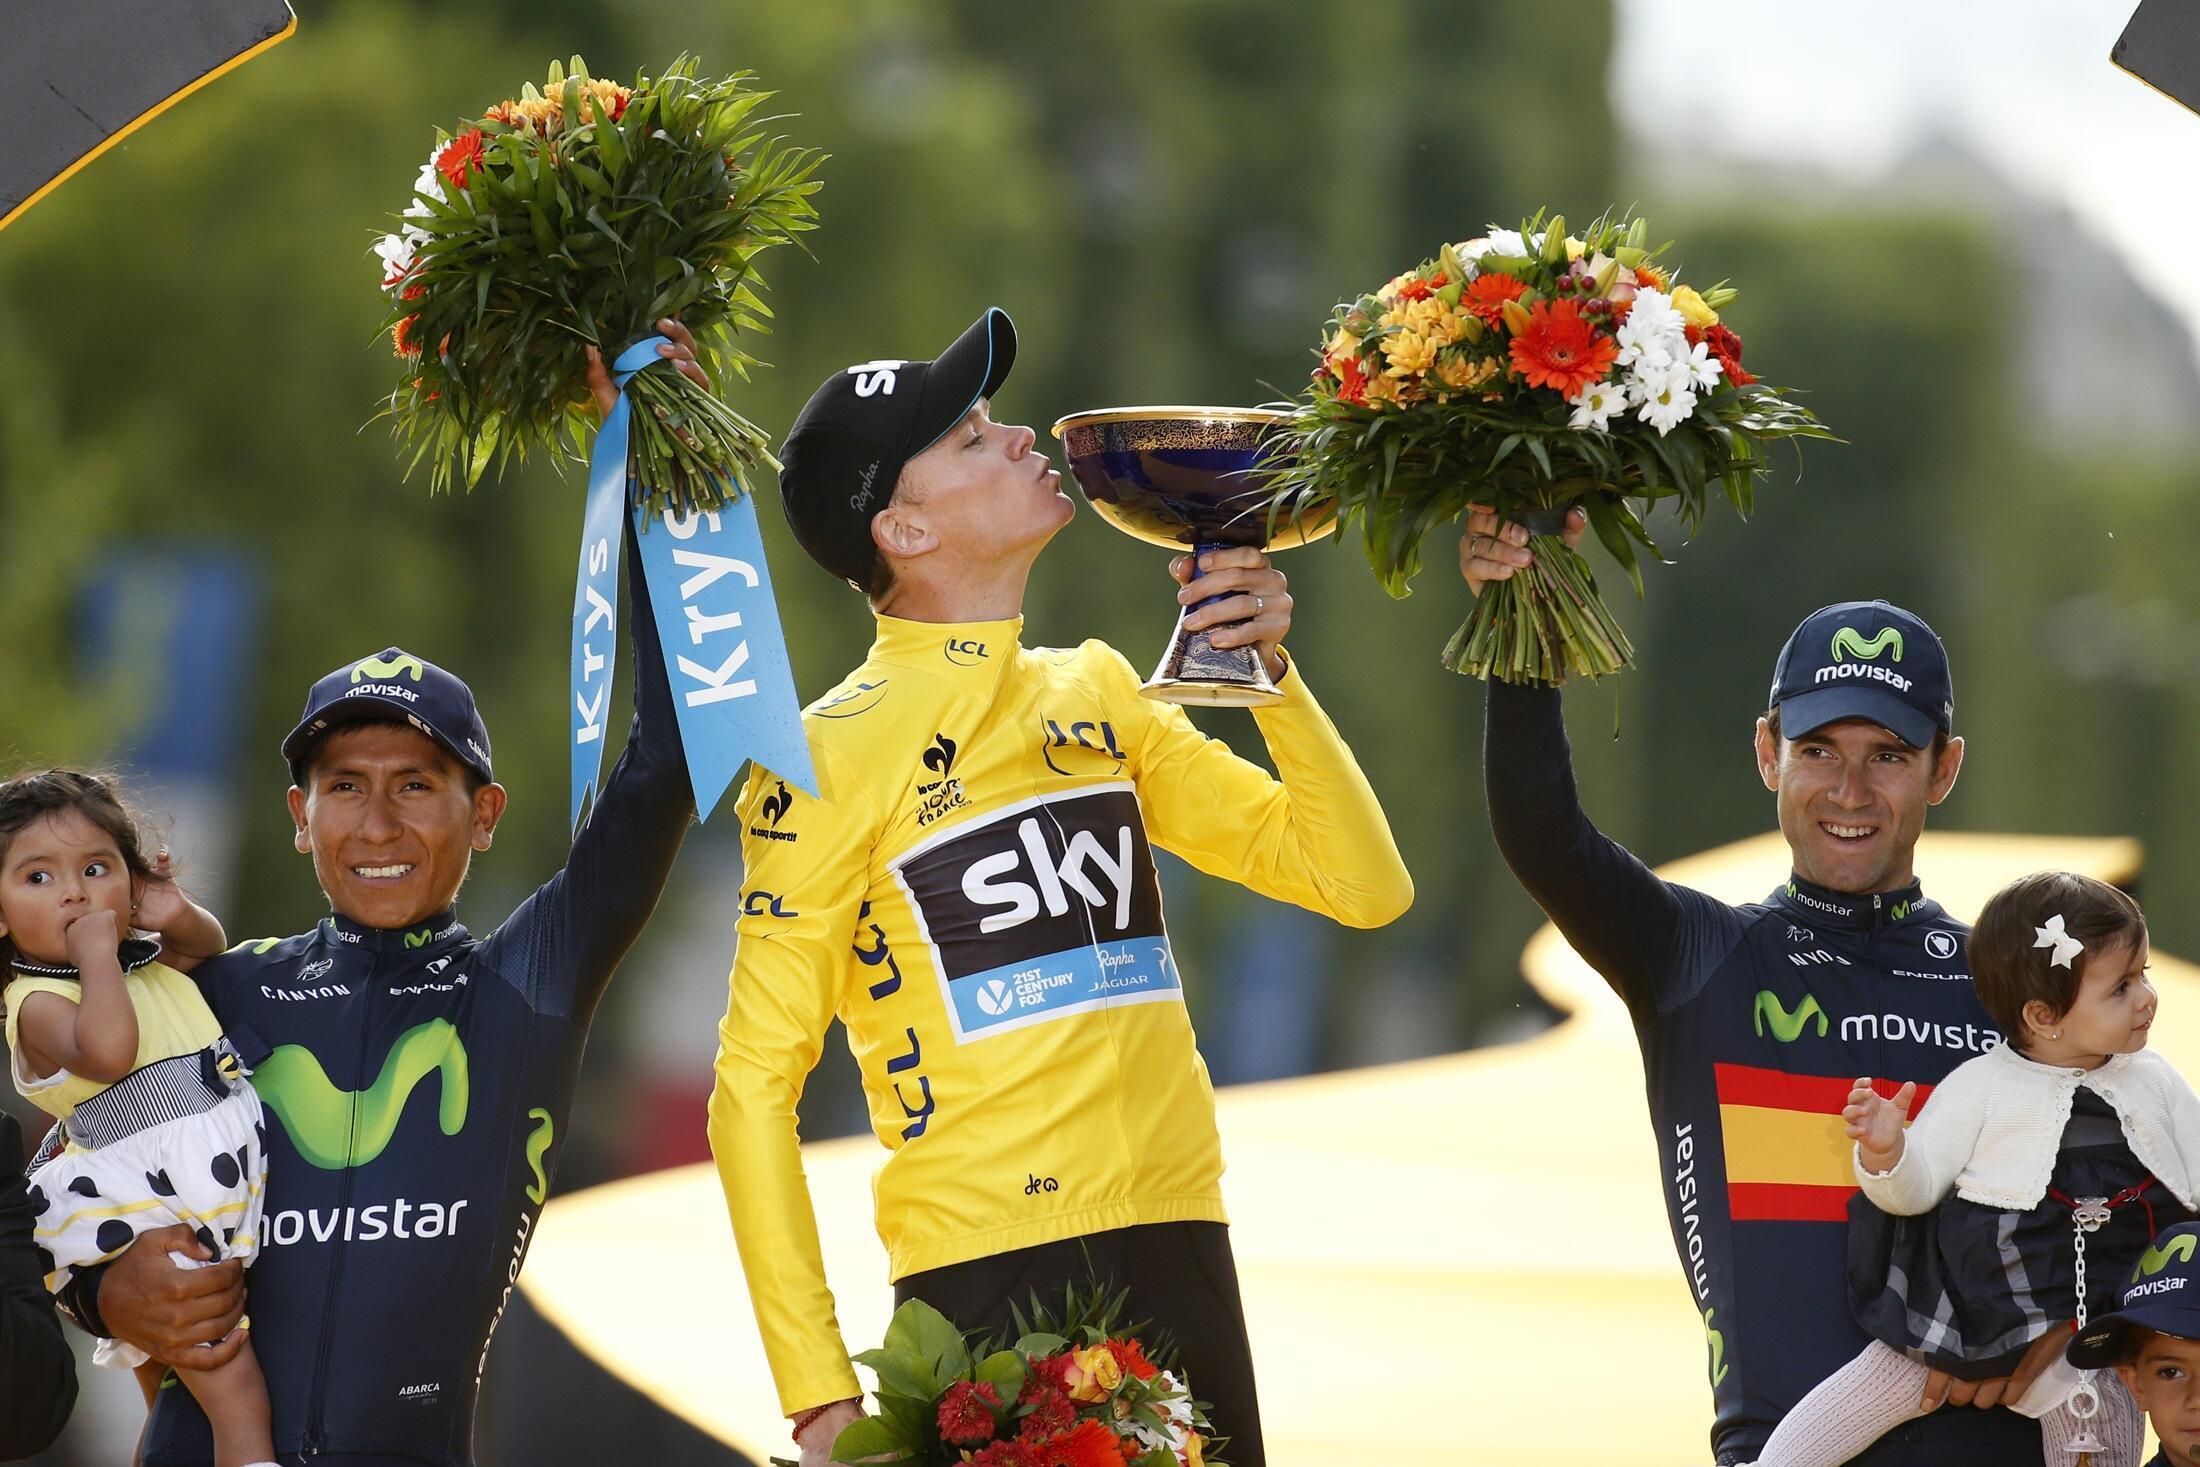 Christopher Froome (centro), britânico da equipa Sky, venceu pela segunda vez a Volta a França, à frente do colombiano Nairo Quintana (esquerda), da equipa Movistar, e do espanhol Alejandro Valverde (direita), da equipa Movistar.